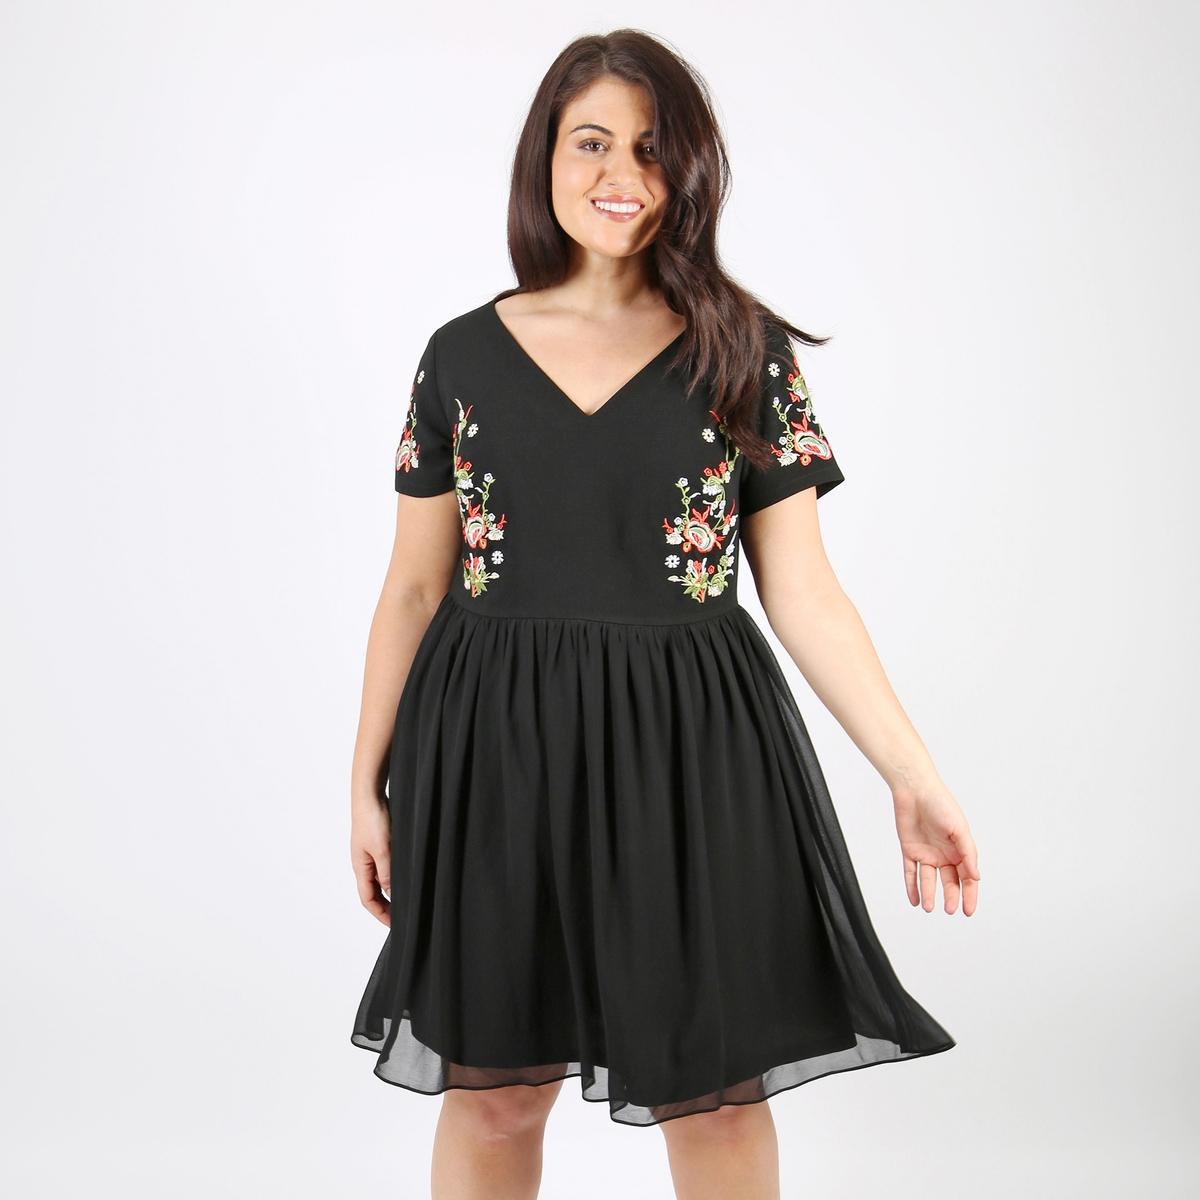 Платье расклешенное средней длины с короткими рукавами платье расклешенное с короткими рукавами